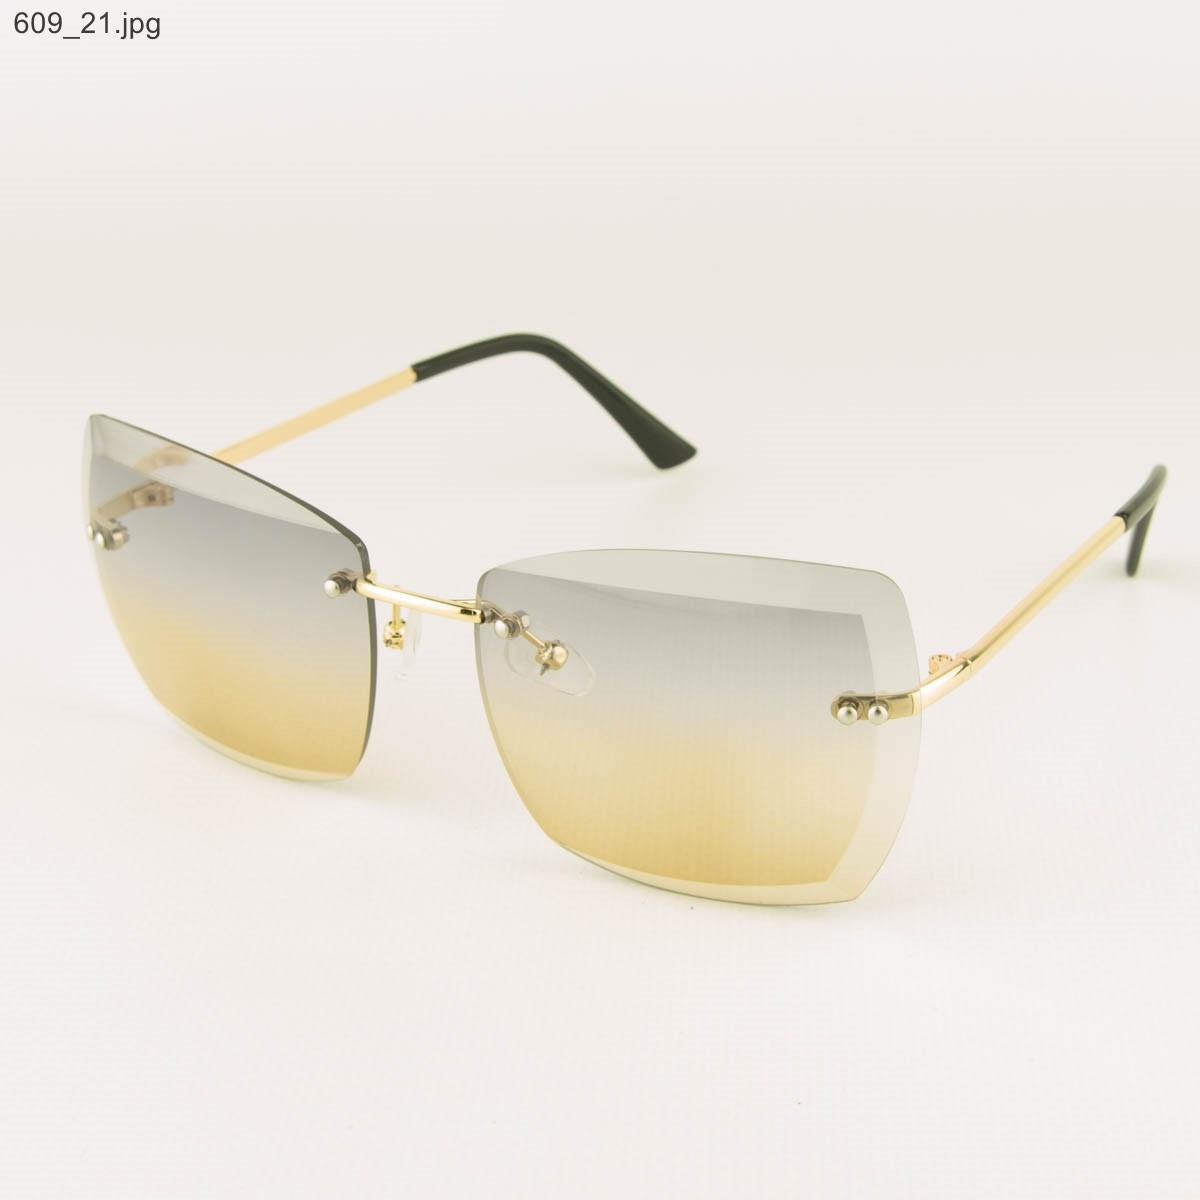 Оптом солнцезащитные квадратные очки с цветными линзами - 609